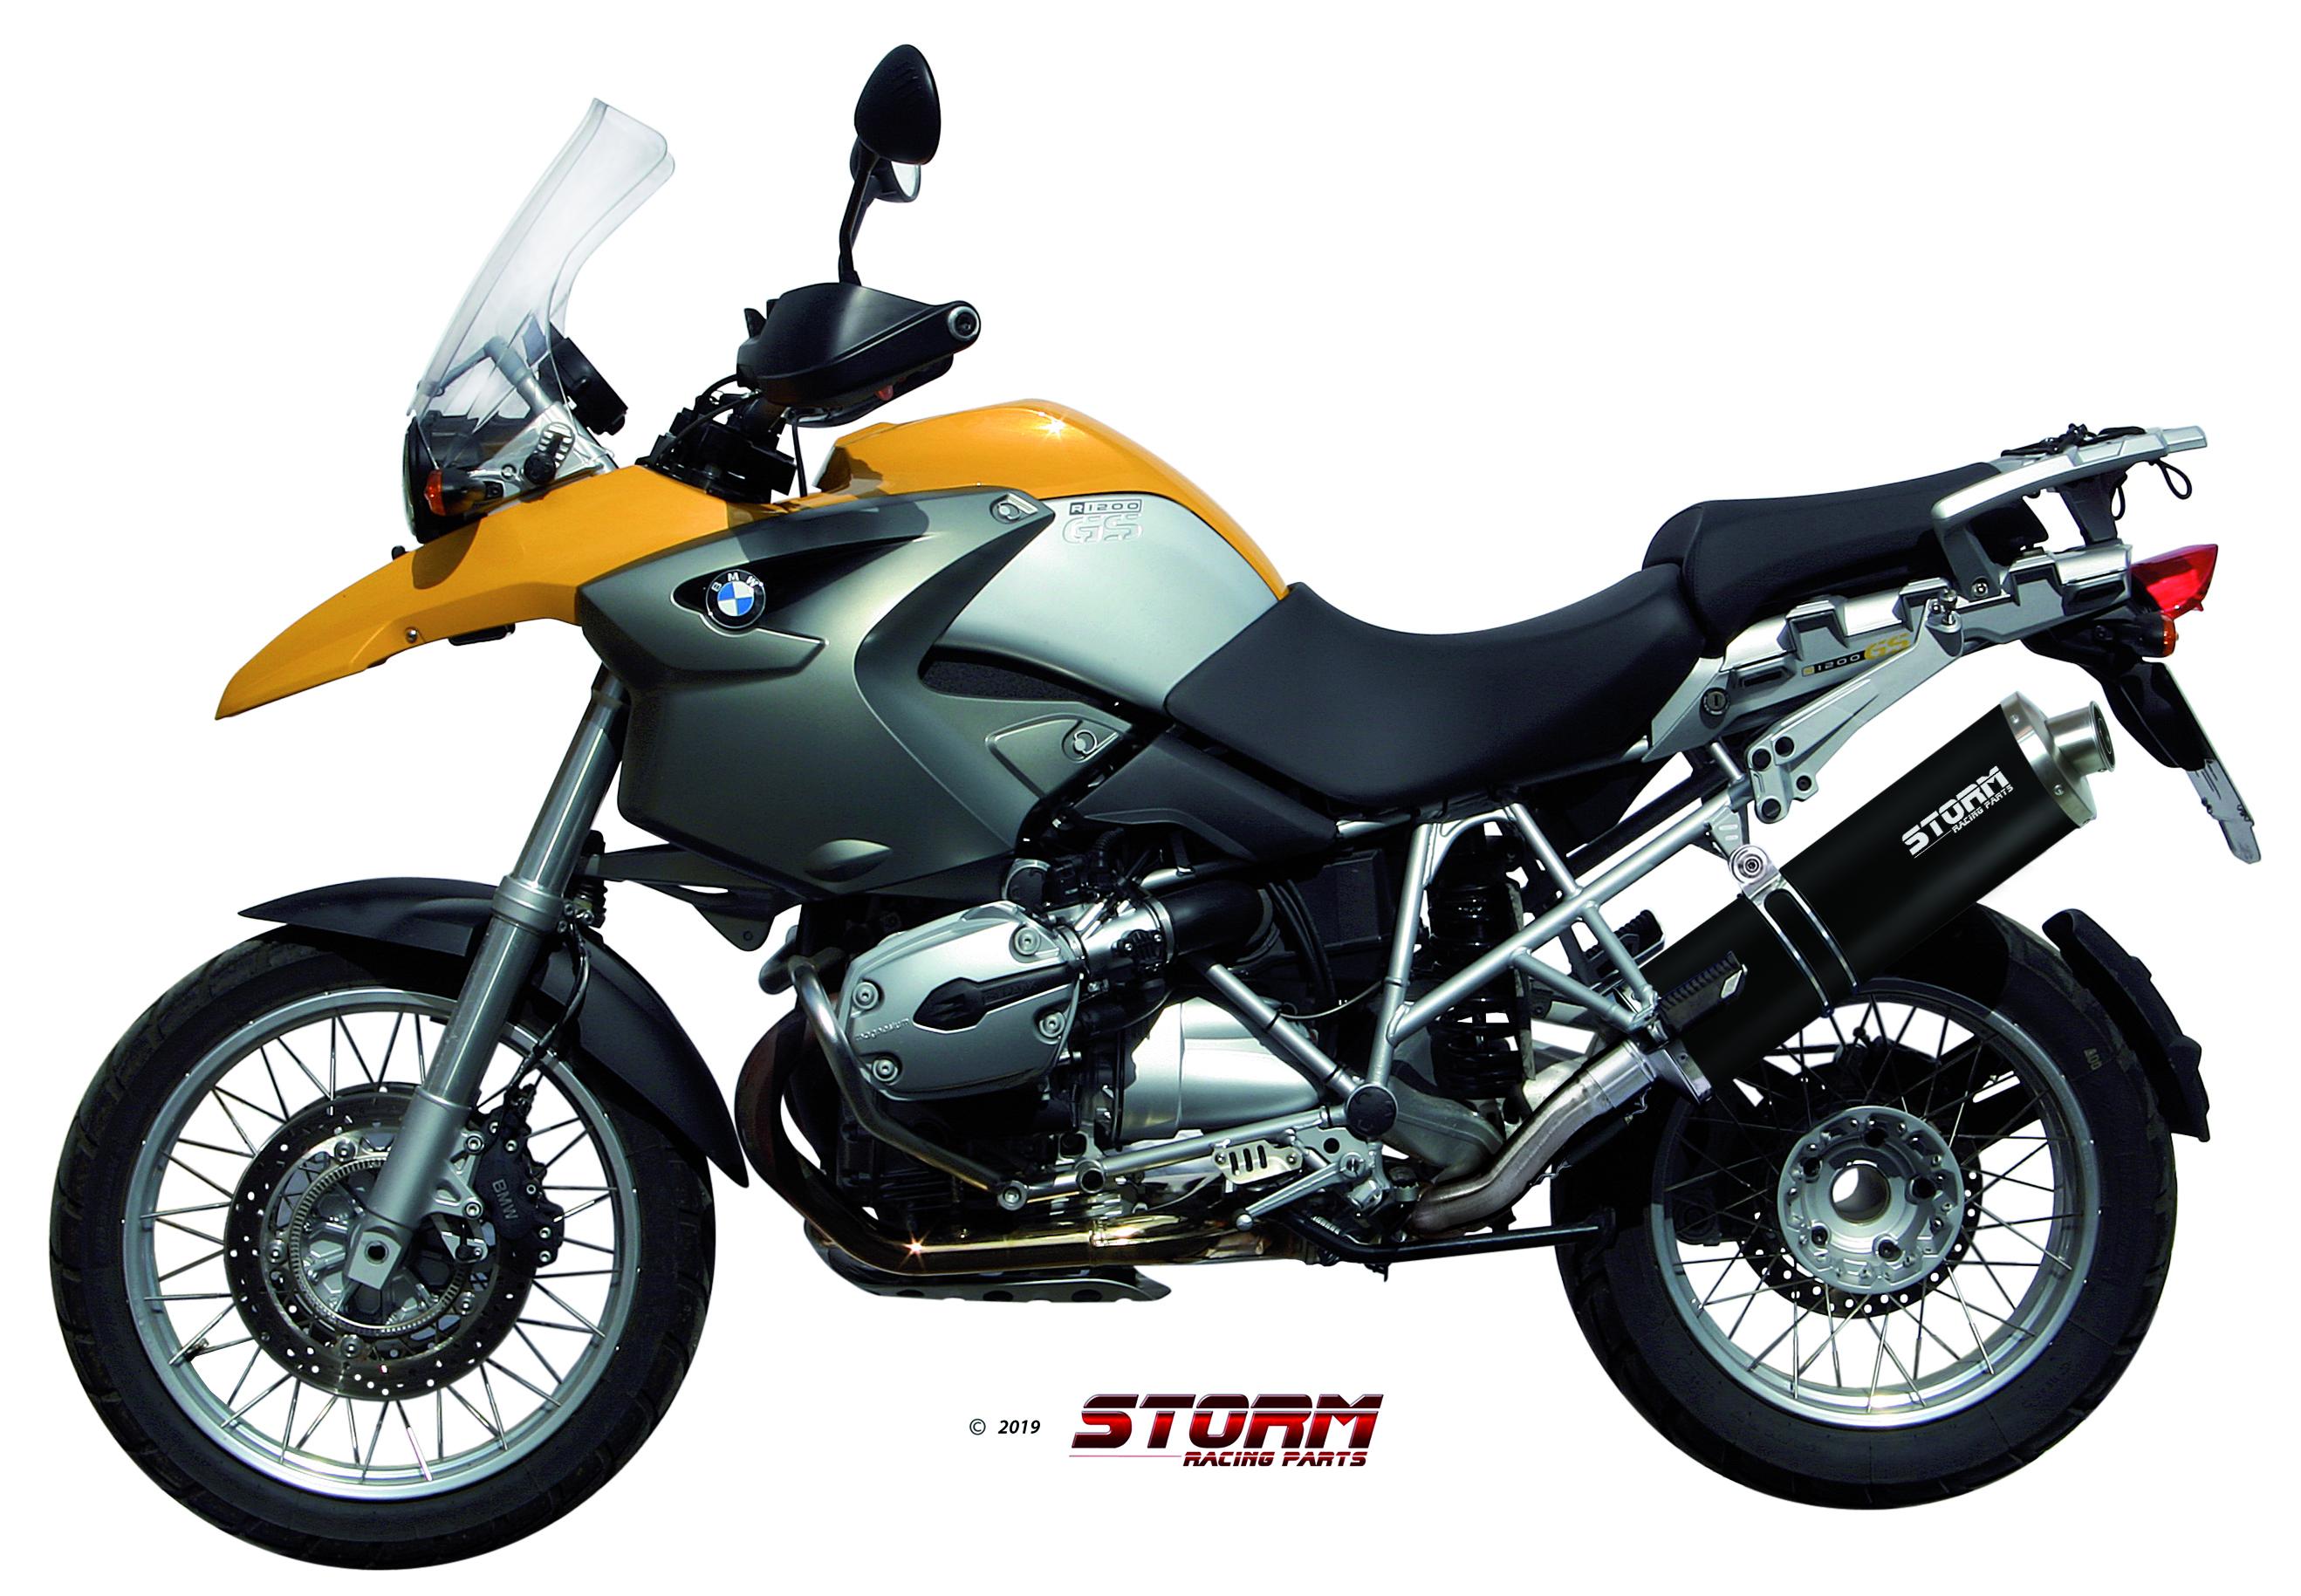 Scarico BMW R 1200 GS / ADVENTURE Storm Oval Inox Nero 74.B.002.LX2B